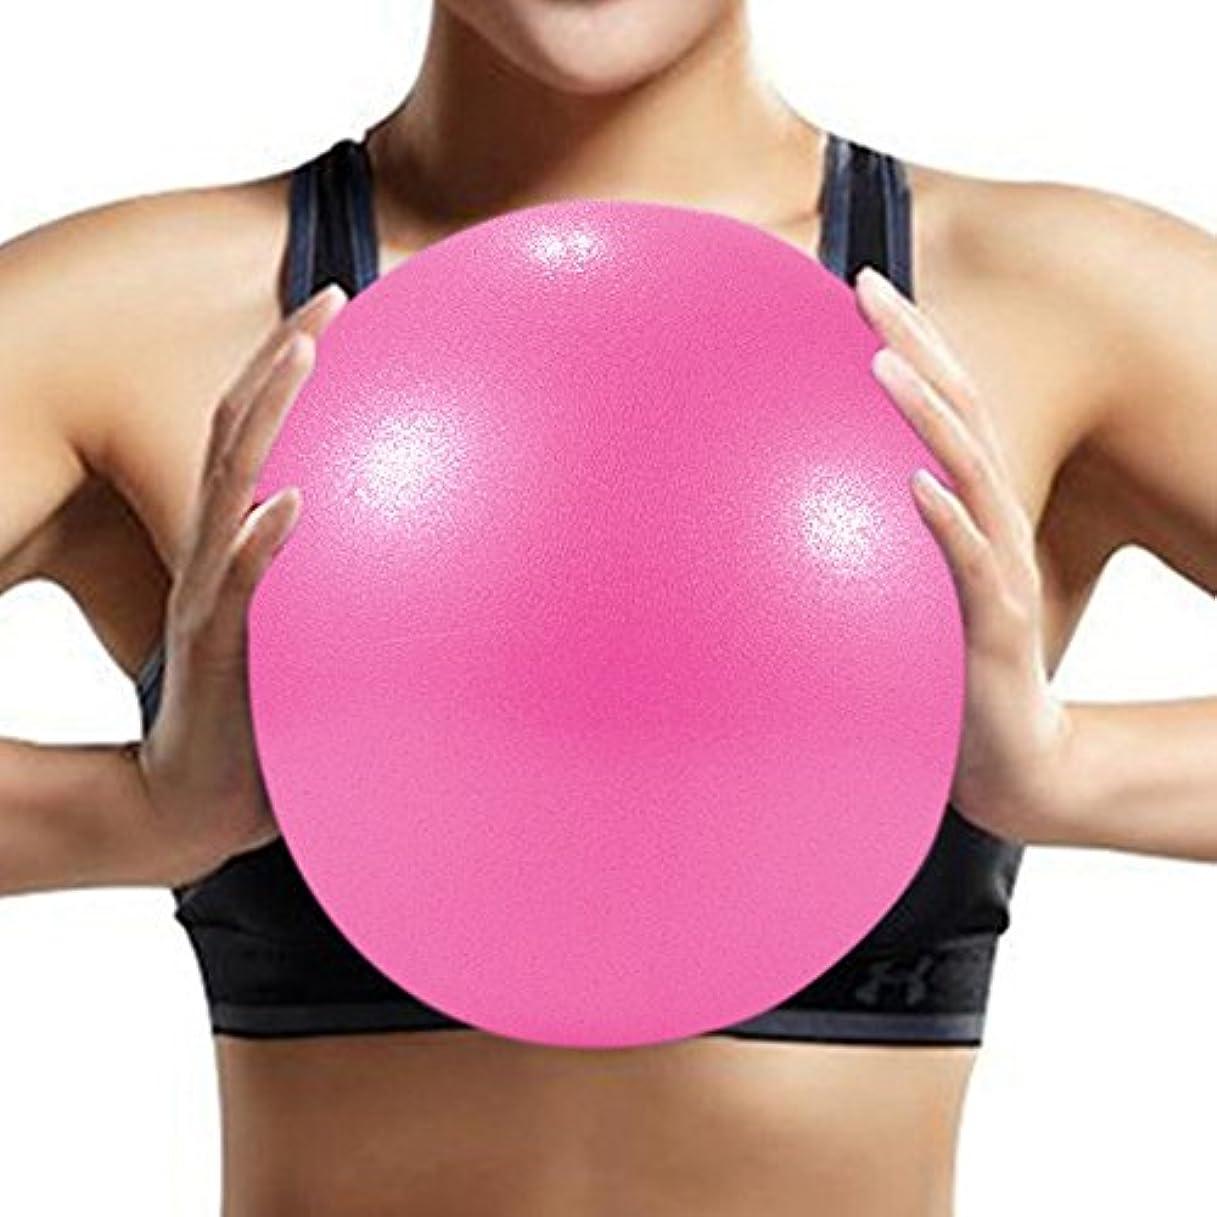 作成する兵器庫外交問題Refaxi ピンクヨガマッサージボール25cmエクササイズピラティスバランス体操練習フィットネスボール